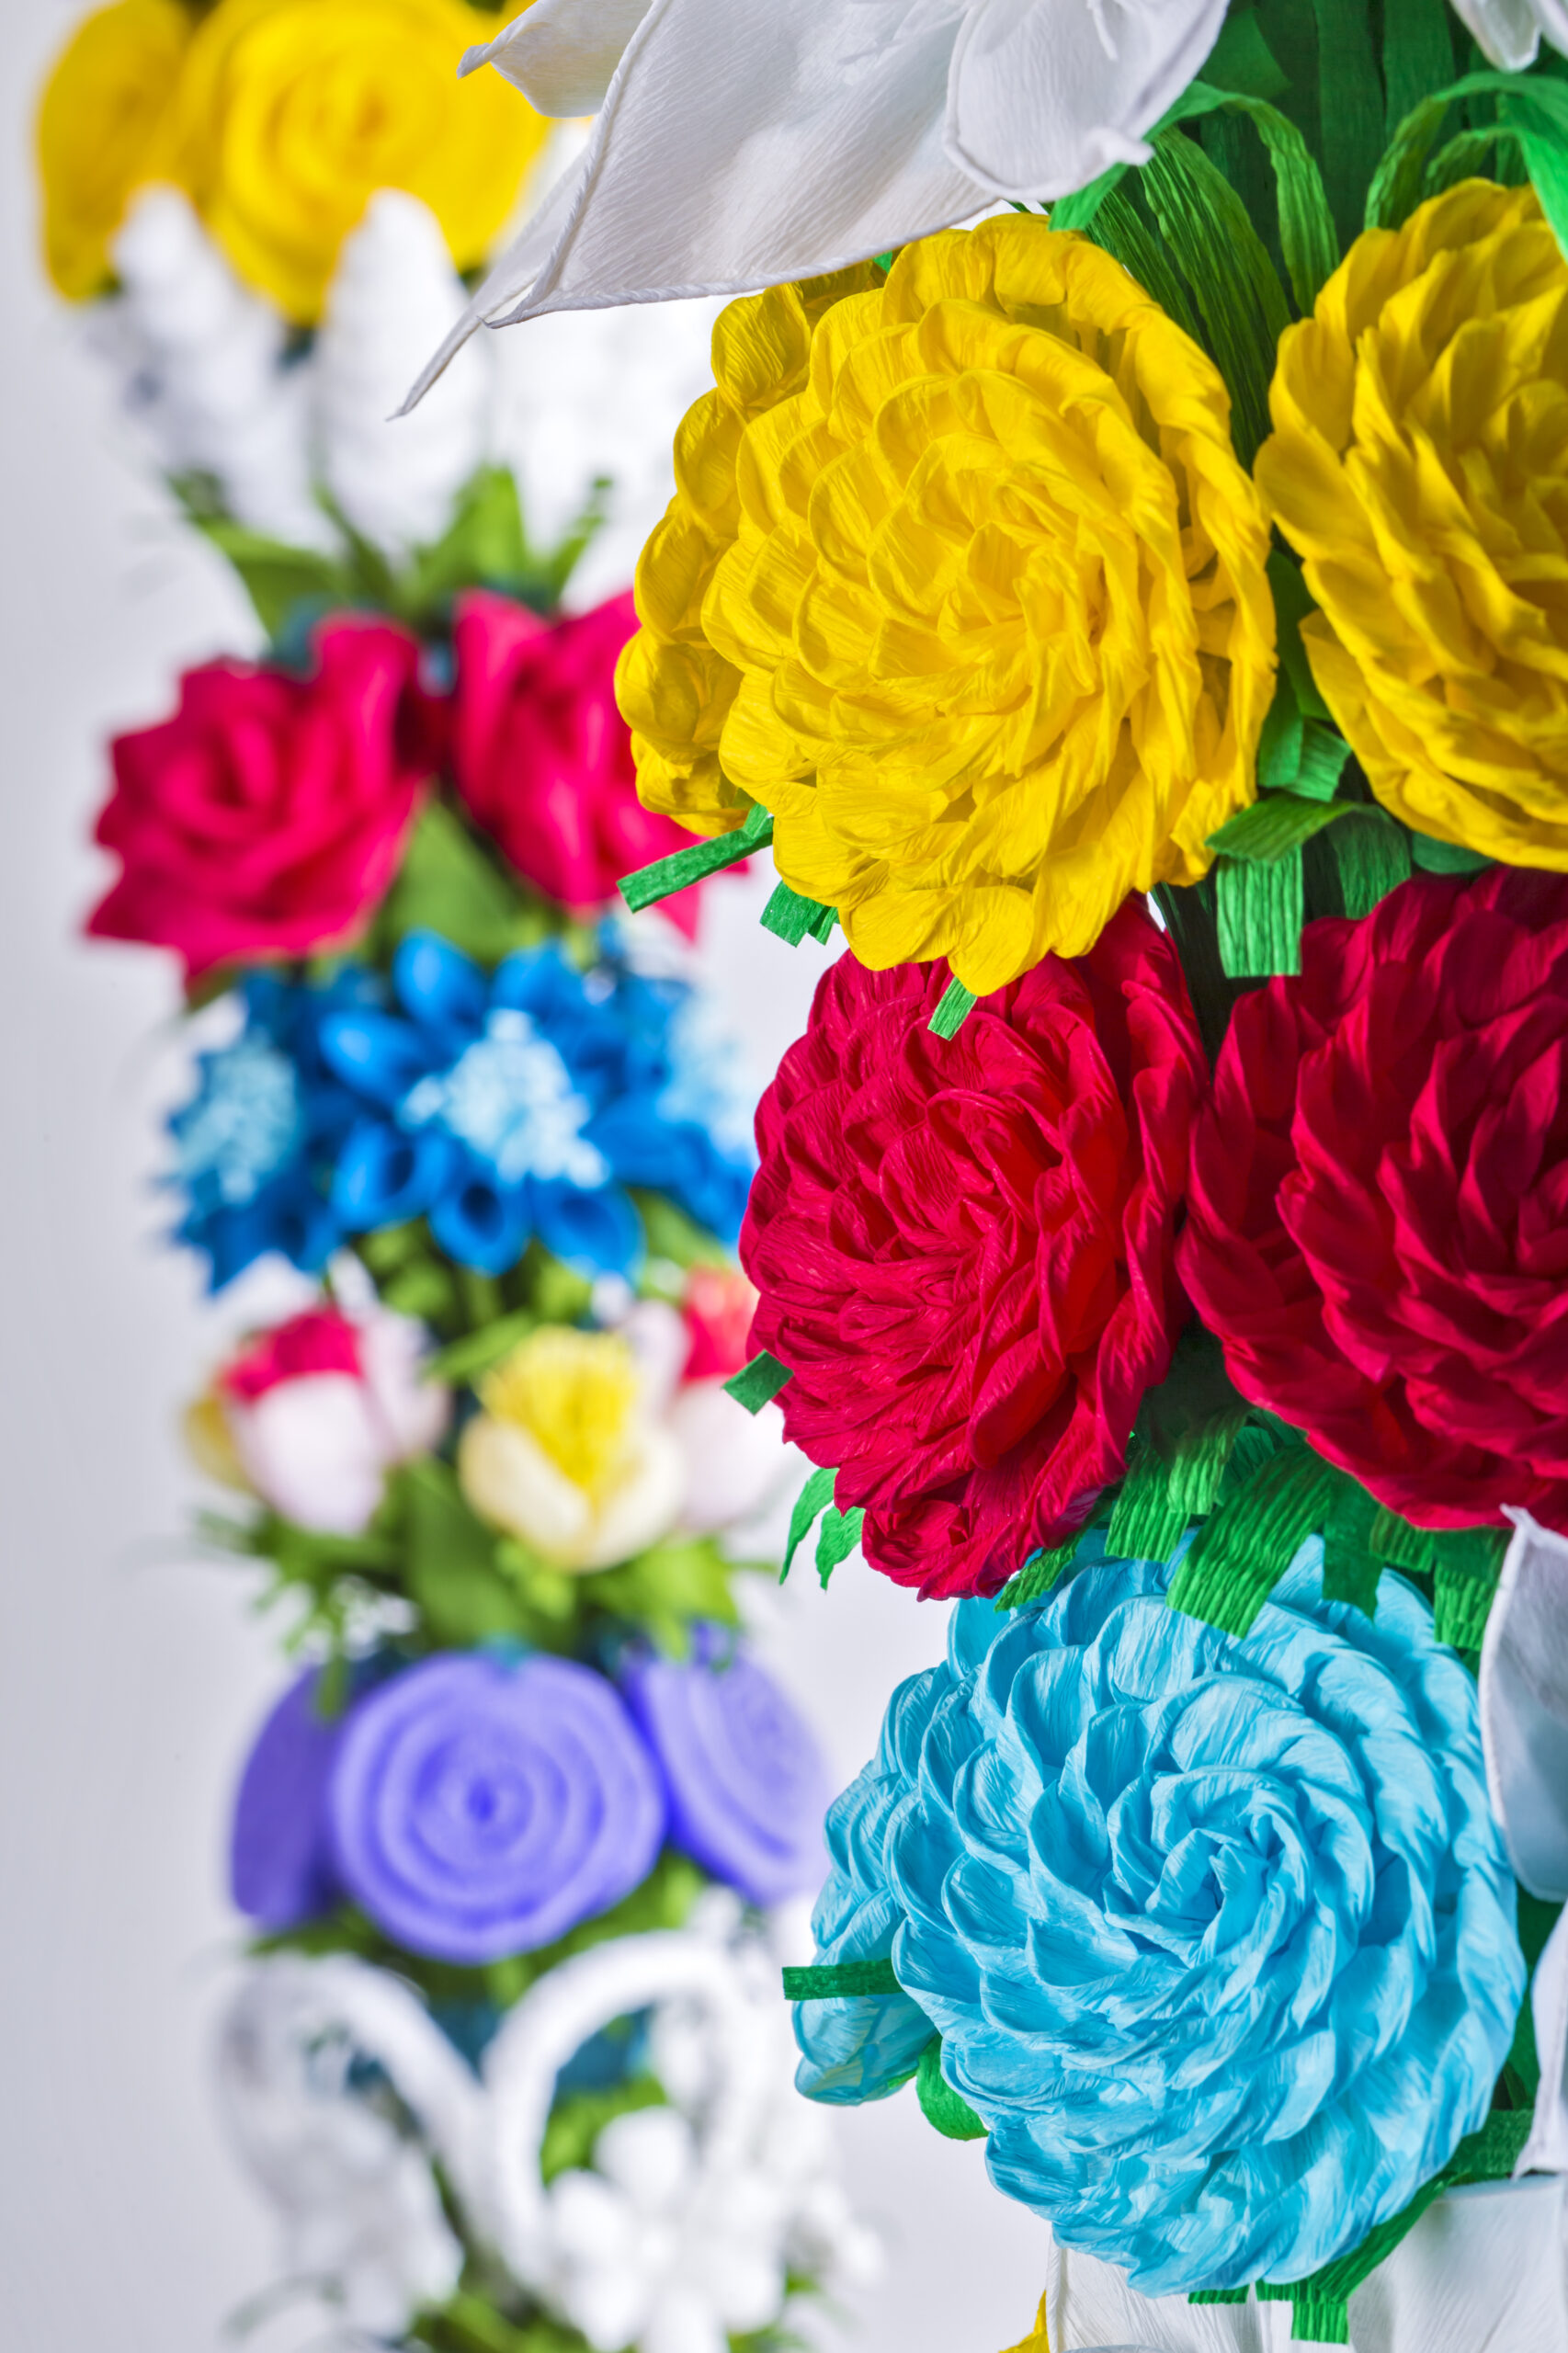 Zdjęcie przedstawia dwie palemki kurpiowskie. Wykonane z krepiny wielokoloworowe kwiaty okalają trzon plemki.